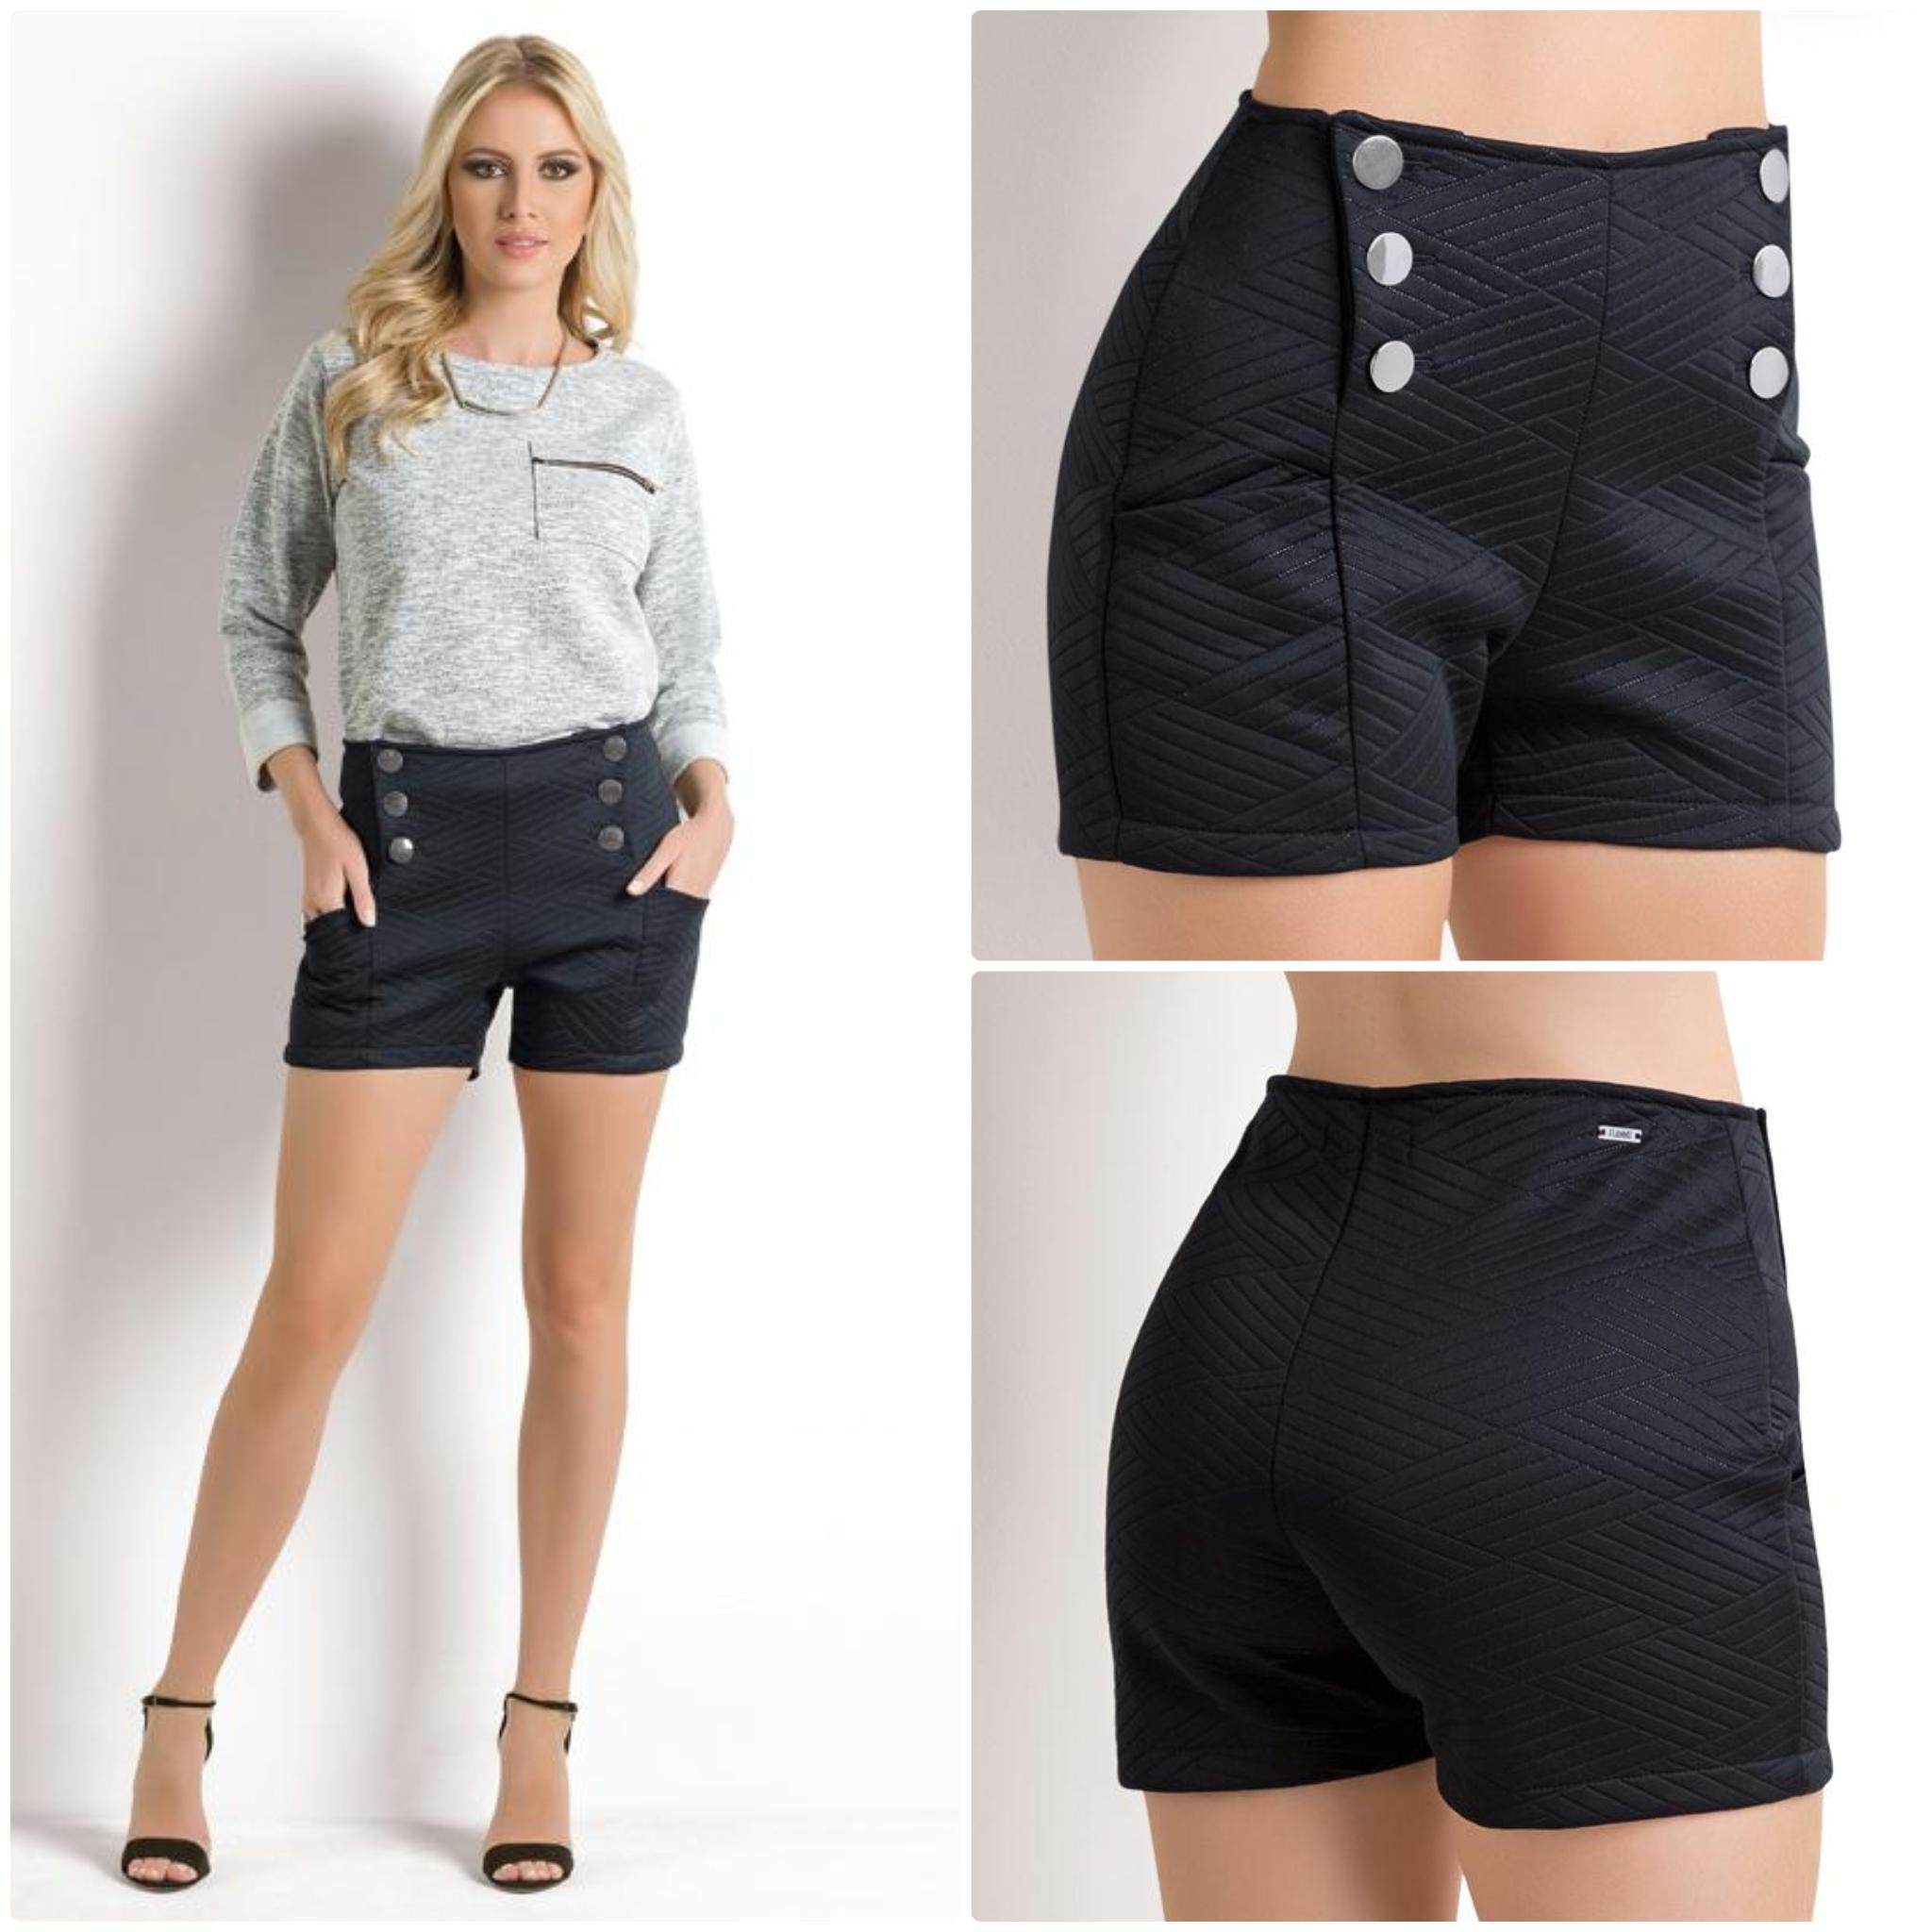 c11428186ef383 Short cintura alta com botões | Moda femenina em 2019 | Calções ...